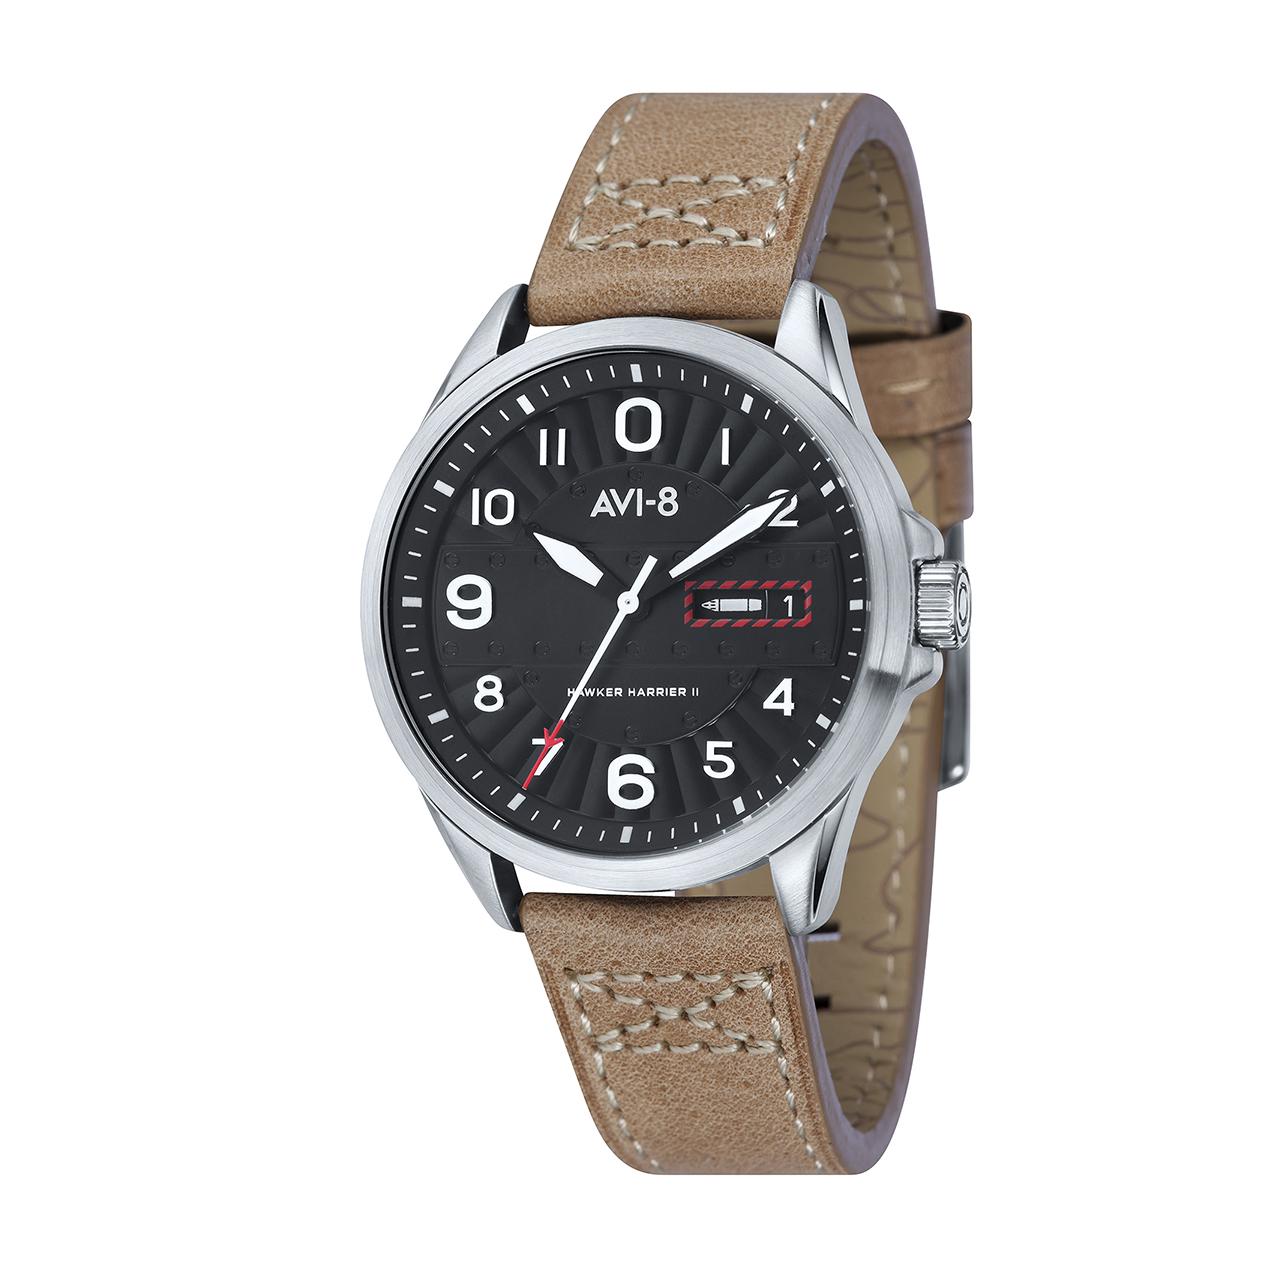 ساعت مچی عقربه ای مردانه ای وی-8 مدل AV-4045-01 54